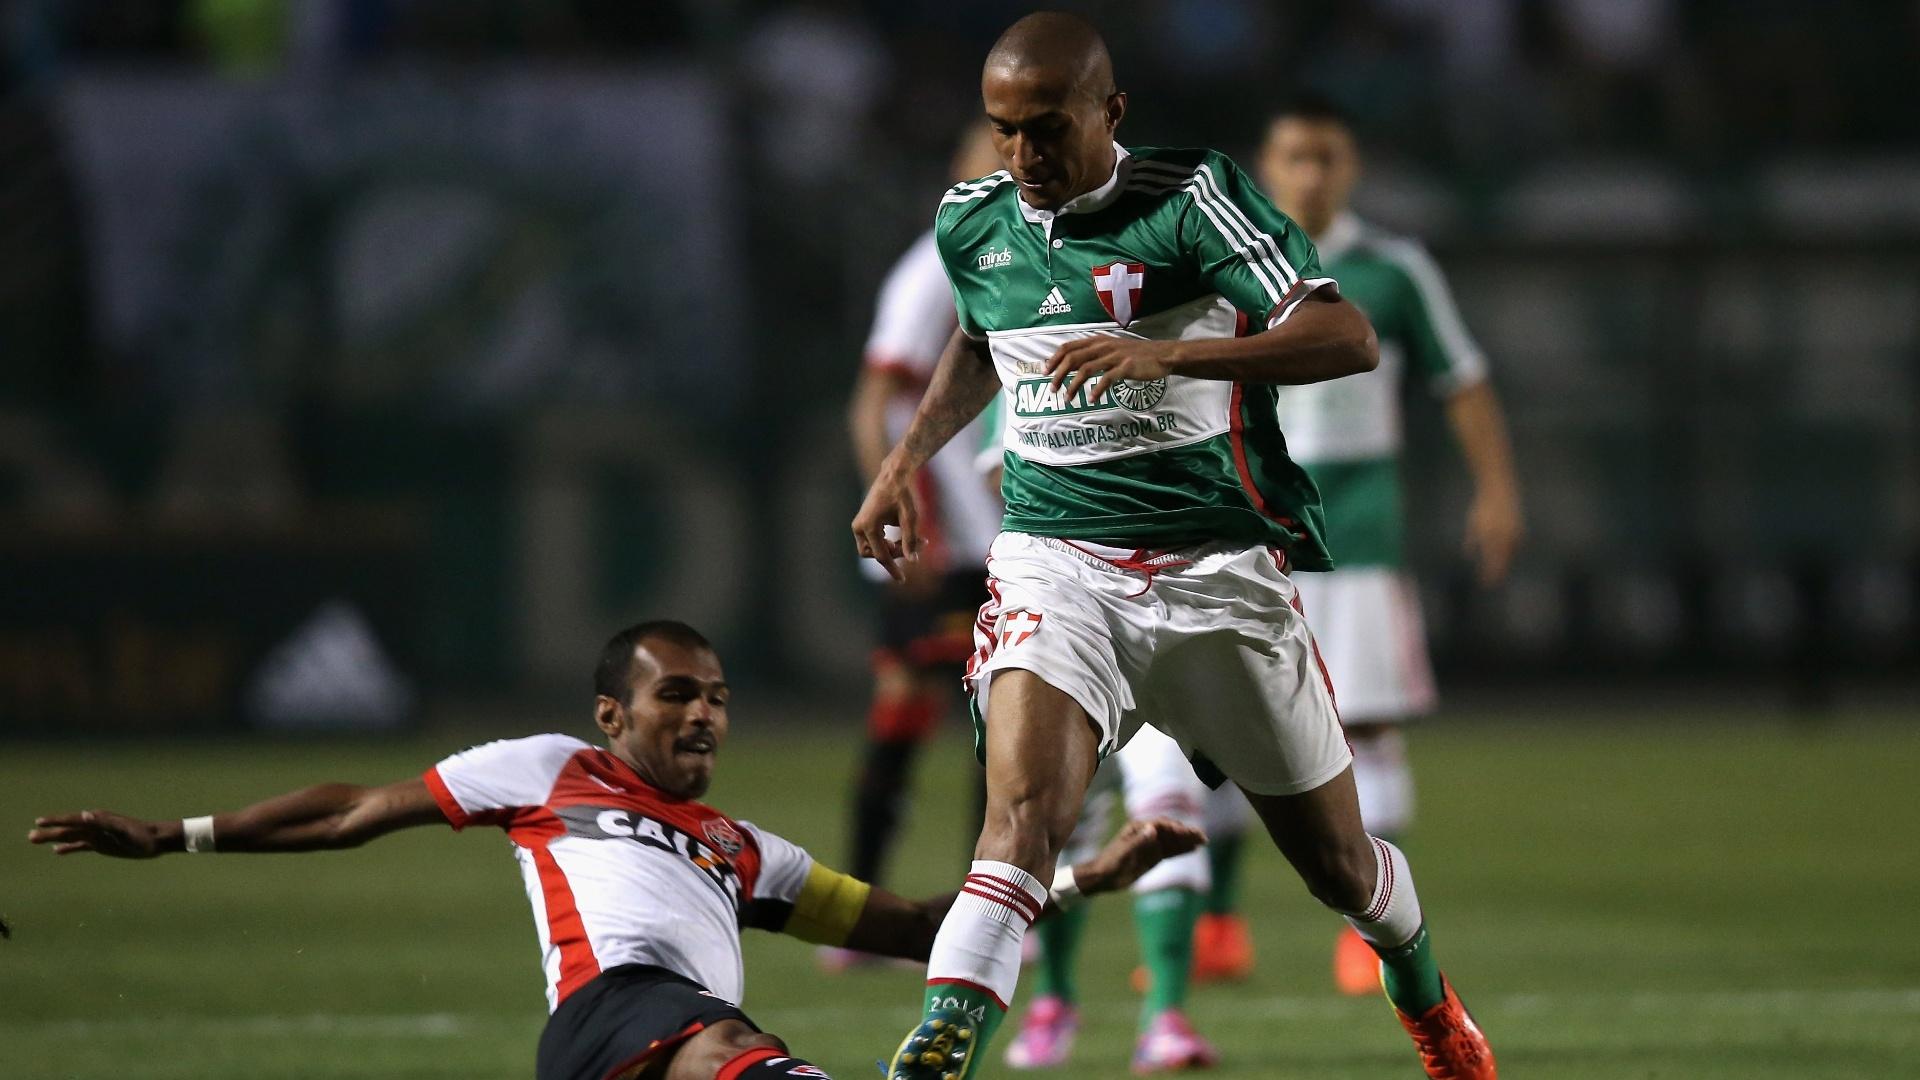 Richarlyson dá carrinho em Renato durante o jogo entre Vitória e Palmeiras